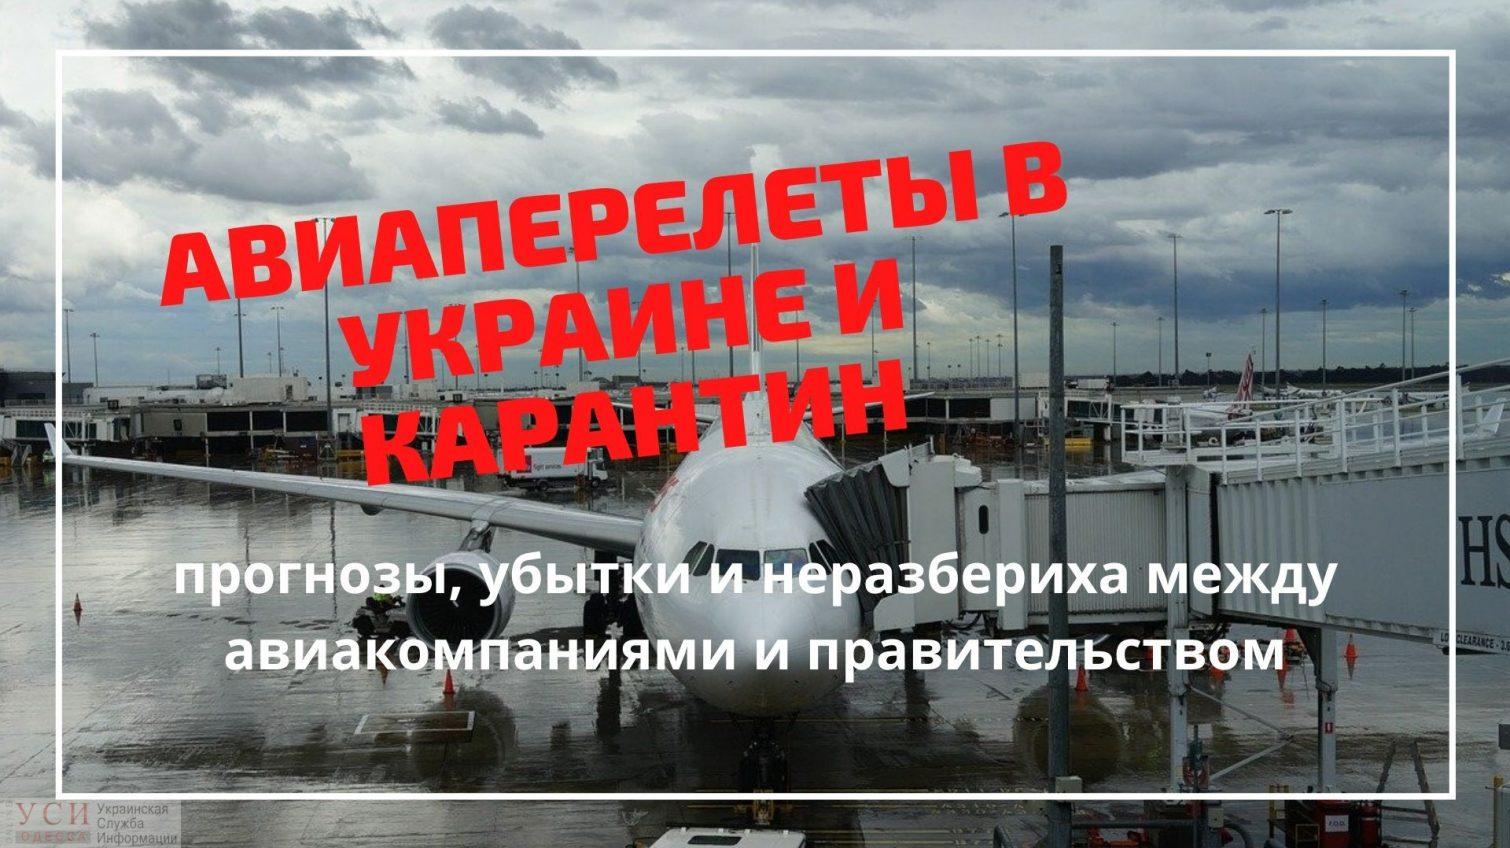 Авиаперелеты в Украине и карантин: прогнозы, убытки и цены «фото»